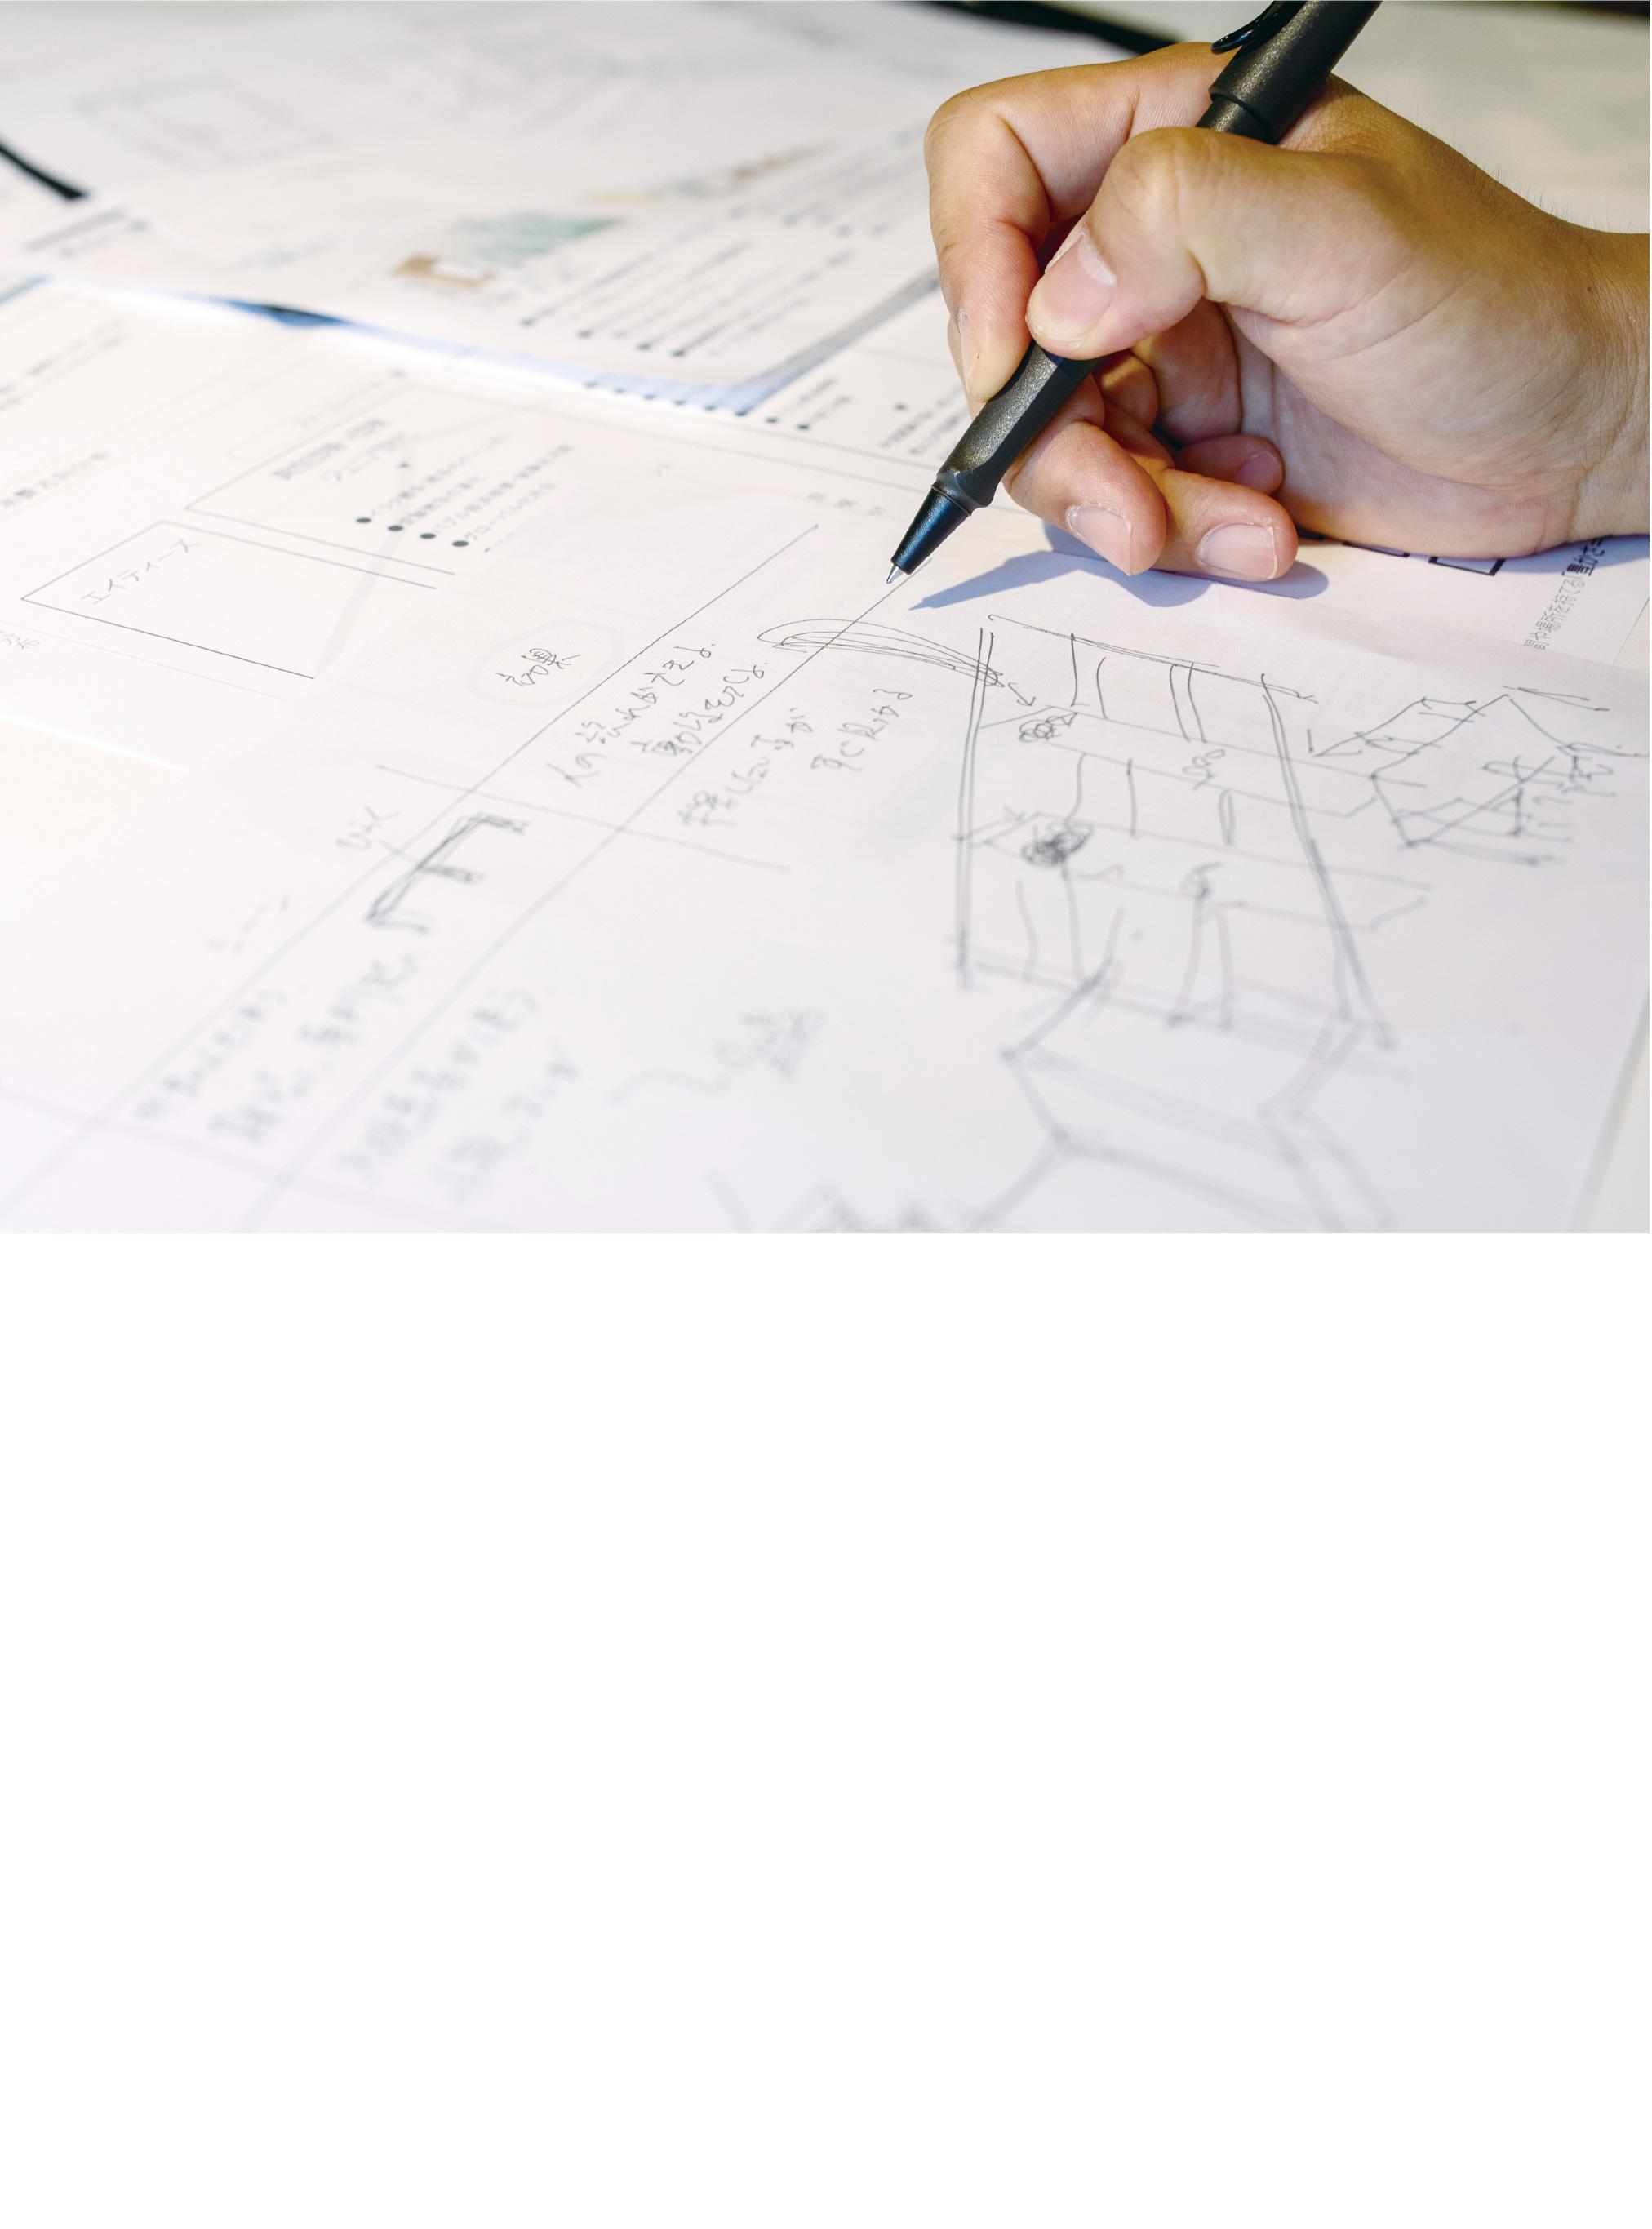 商品開発イメージ